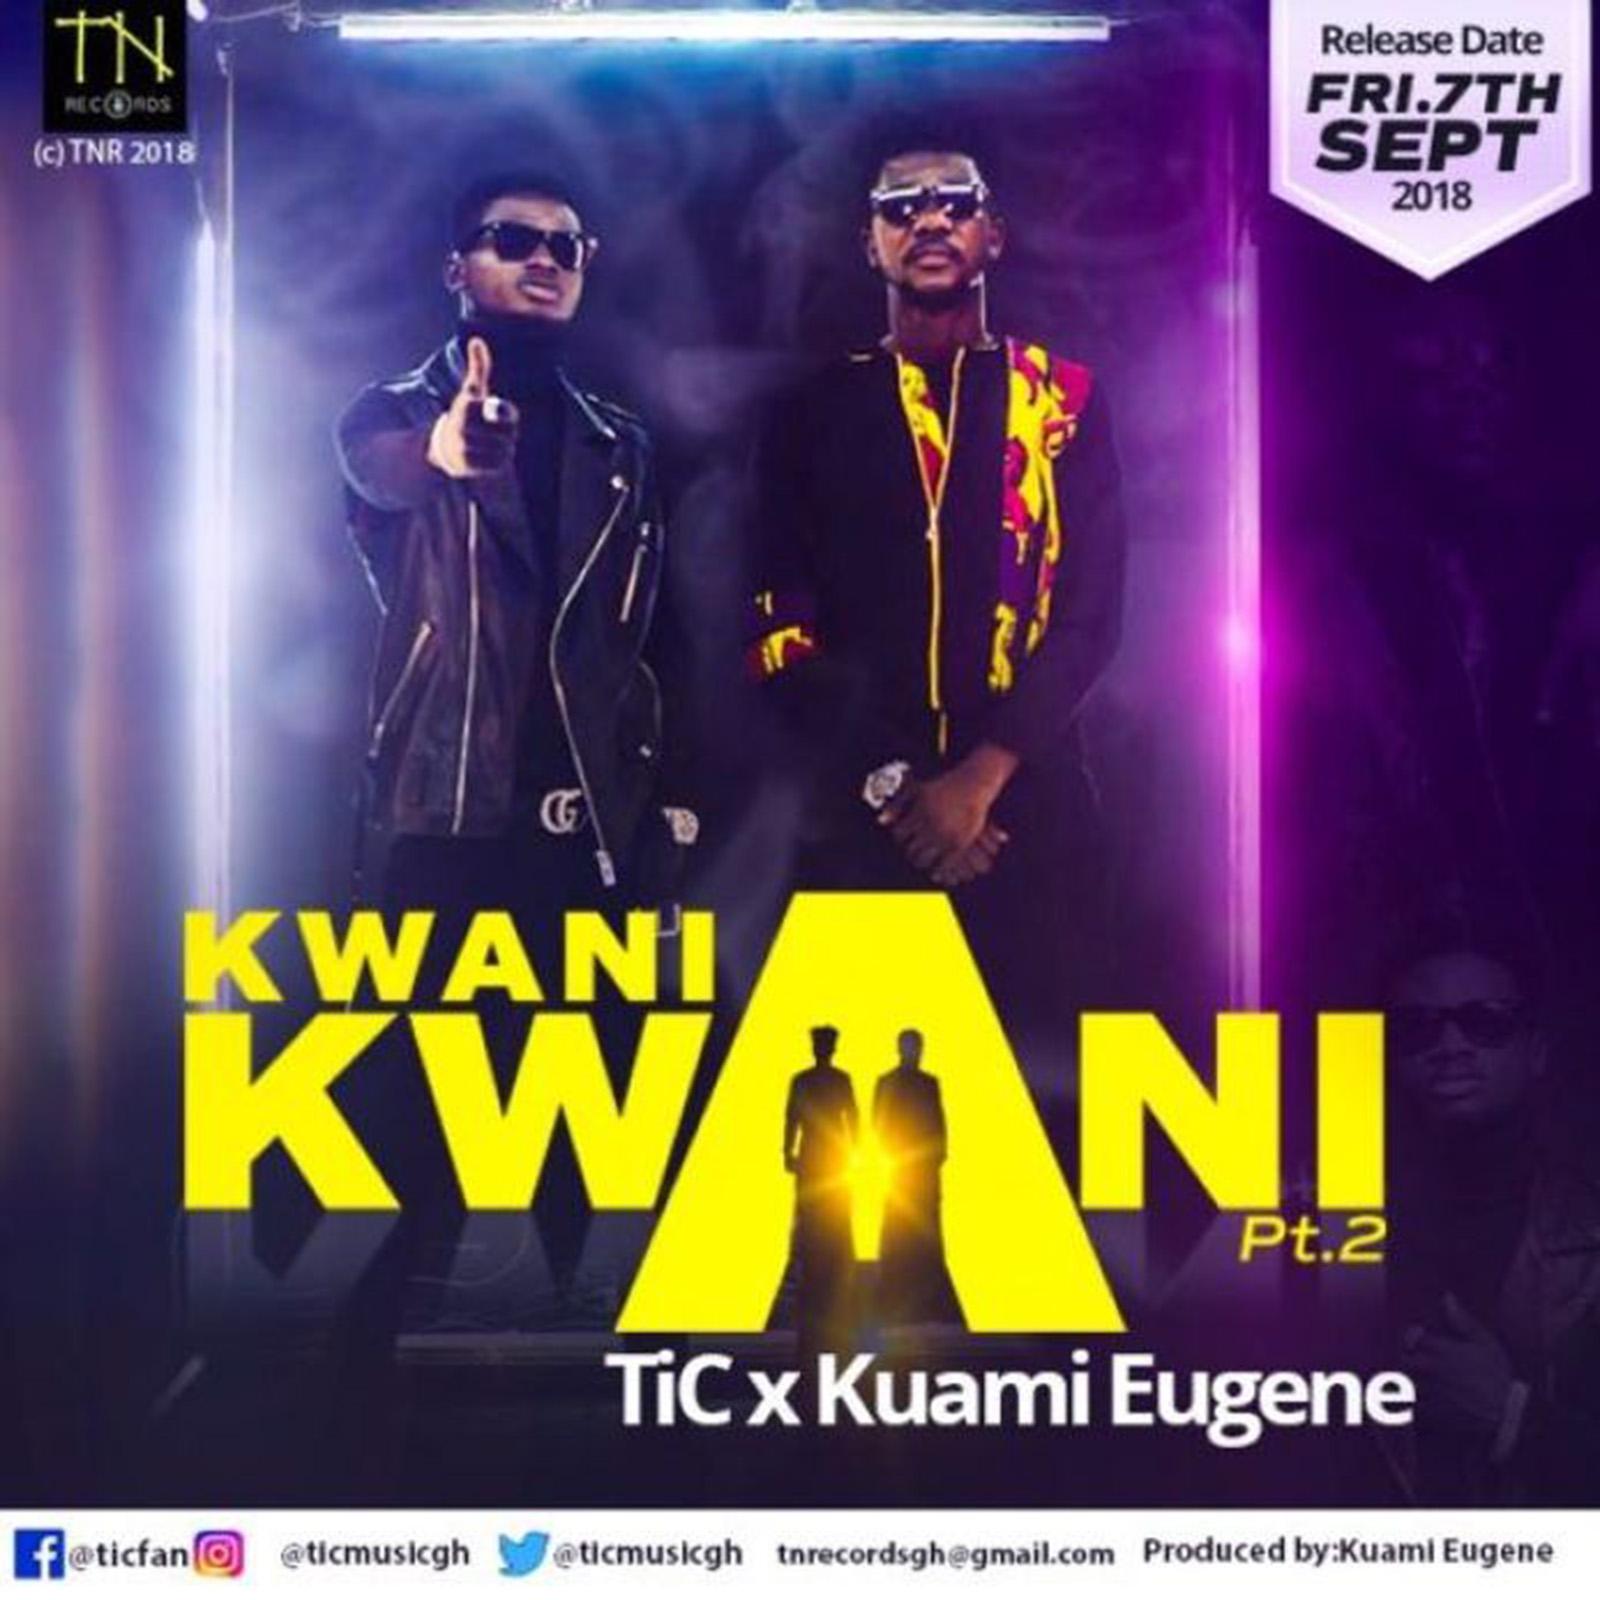 Kwani Kwani by Tic feat. Kuami Eugene